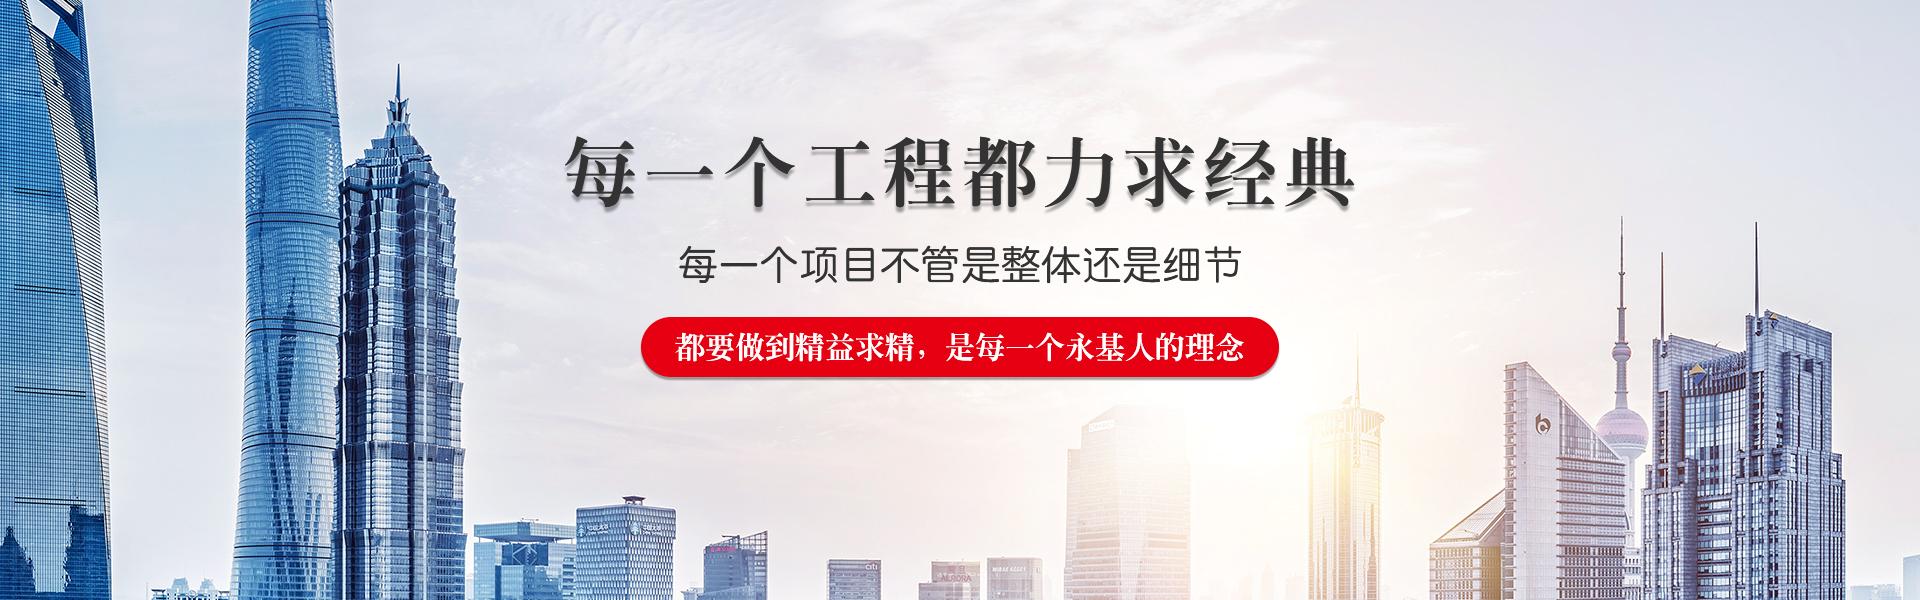 河南永基钢结构有限公司